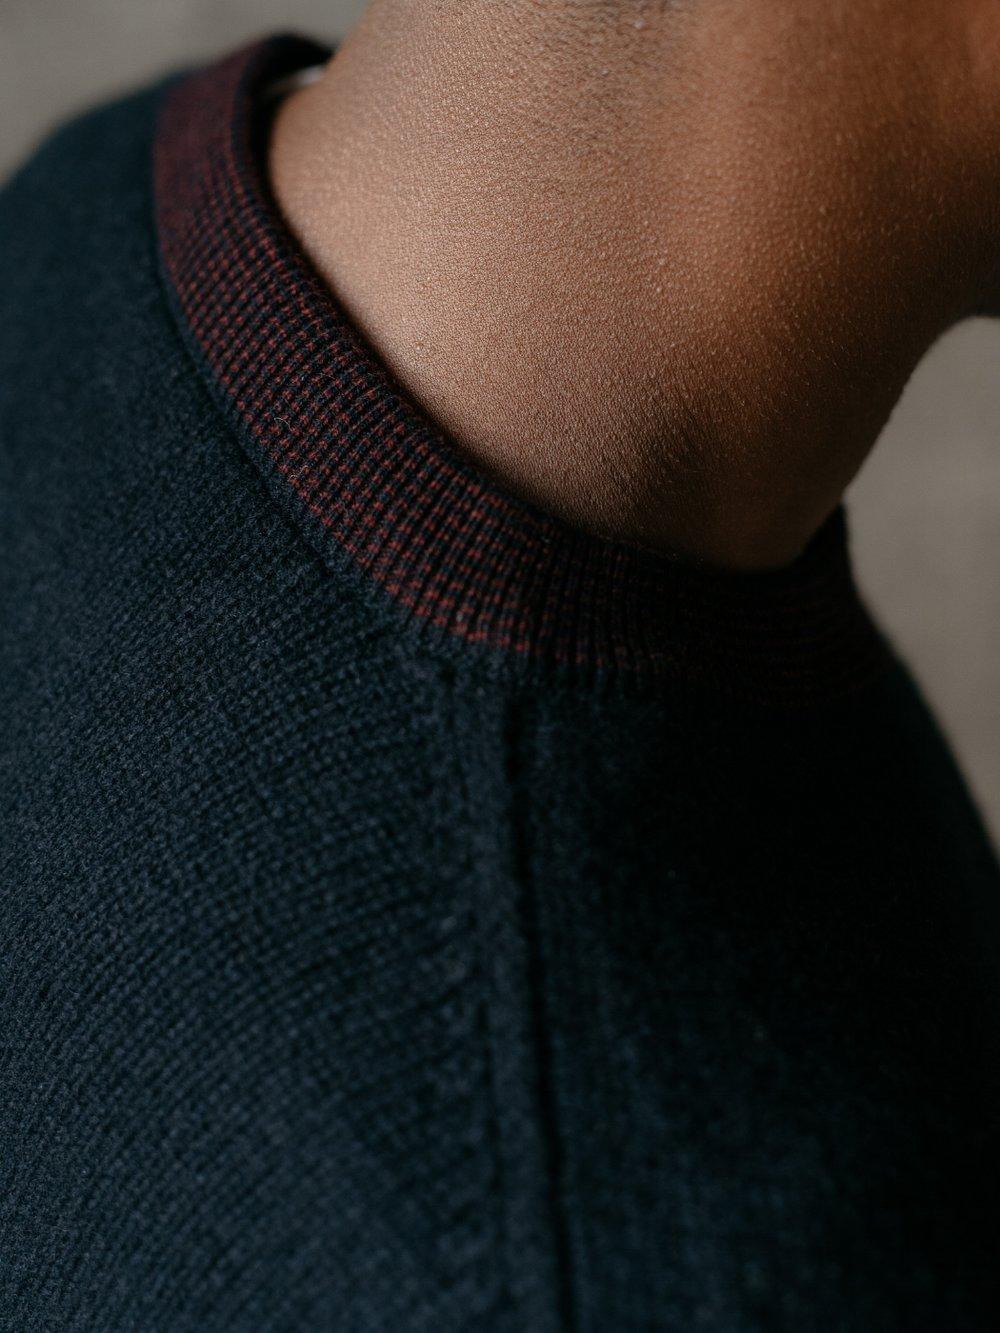 evan-kinori-stripe-collar-sweater-cashmere-wool-fall-2017-4